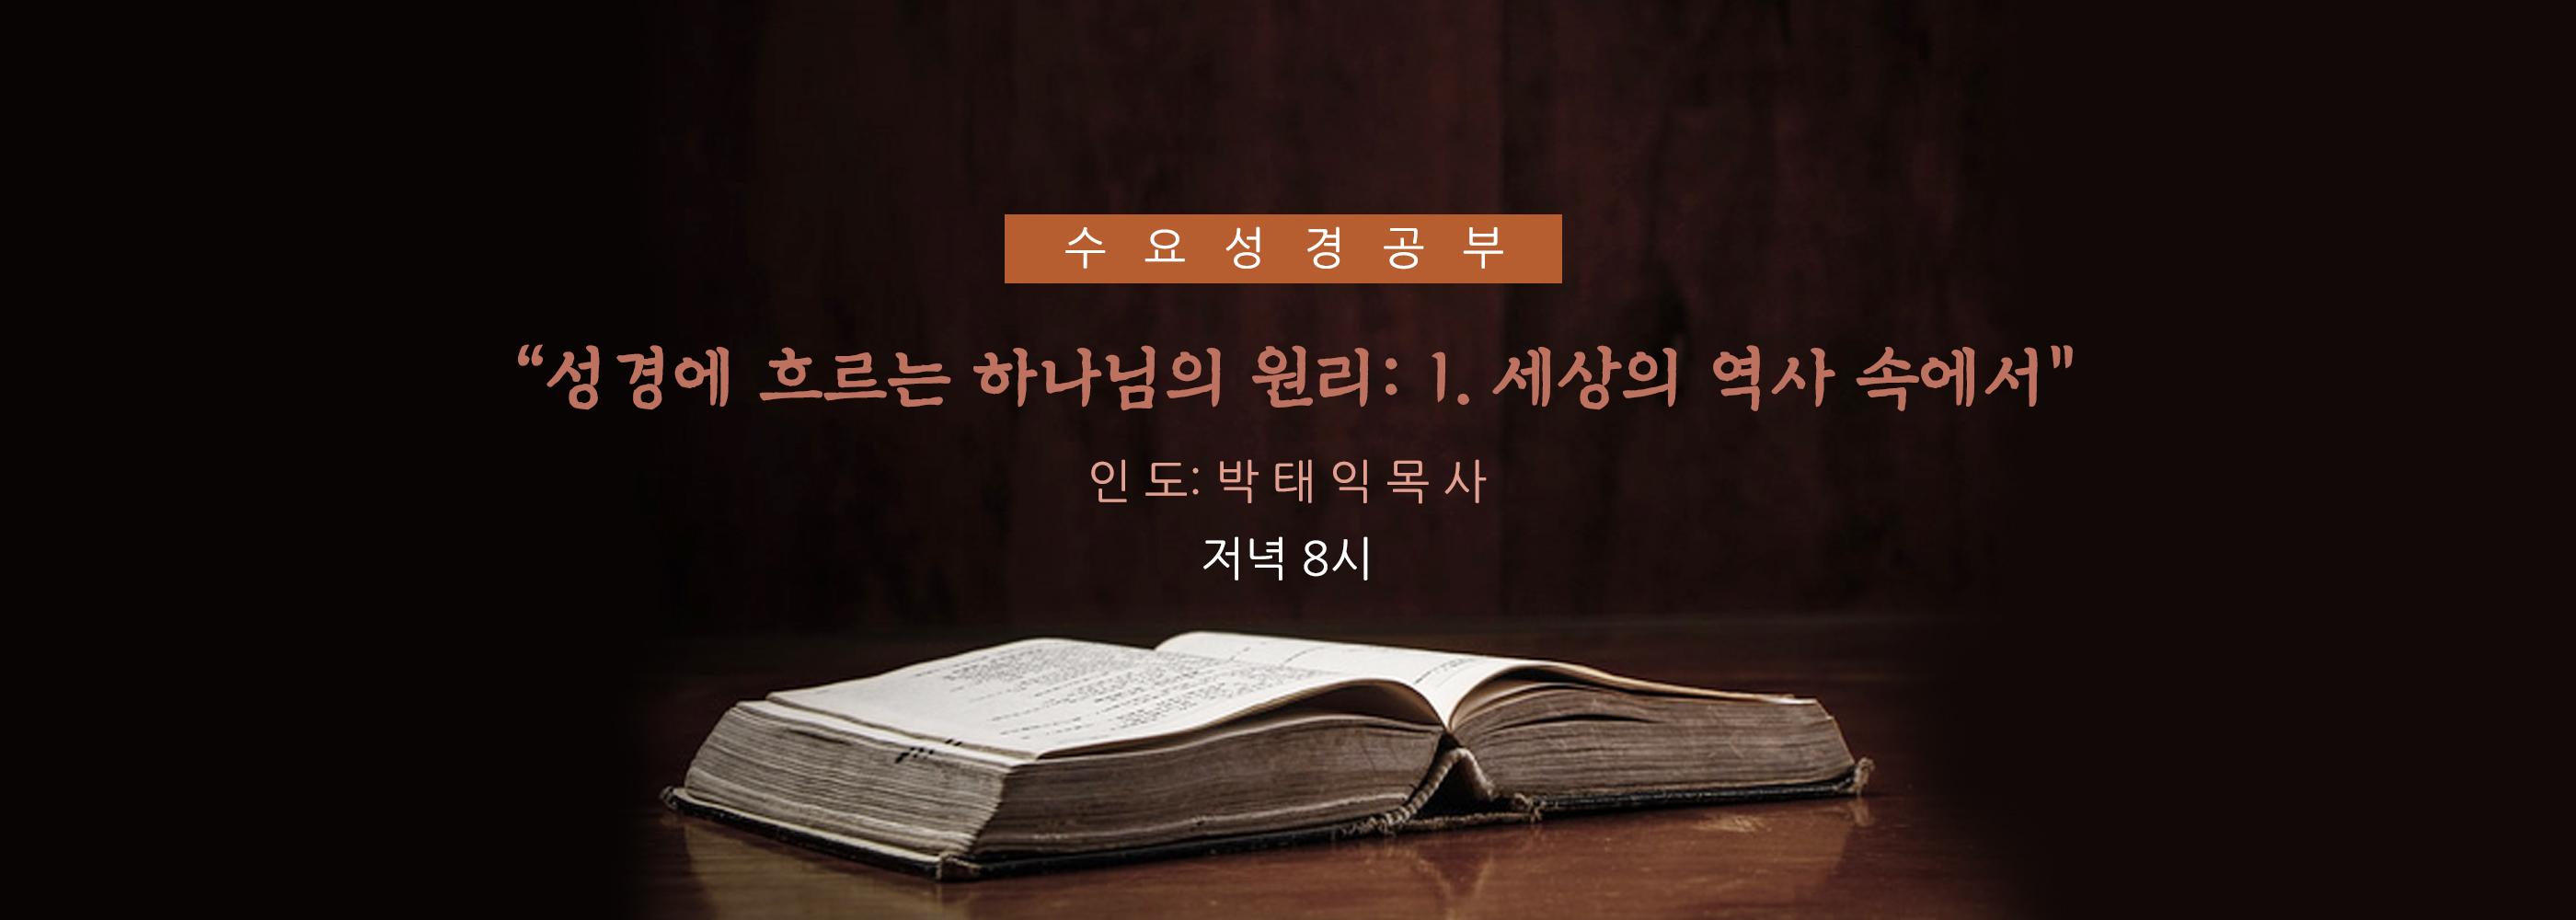 수요성경공부_Banner